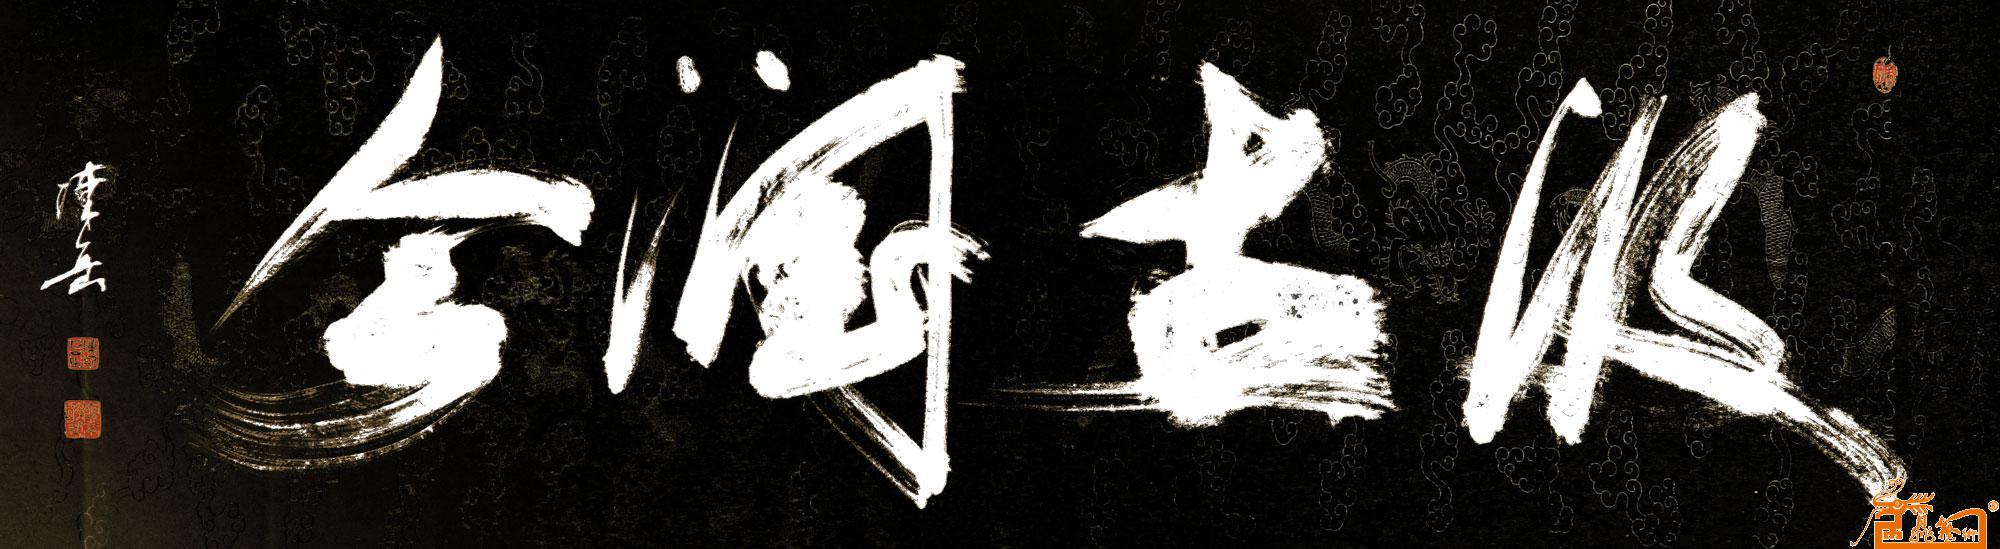 书法名家 陈岳 - 作品132图片